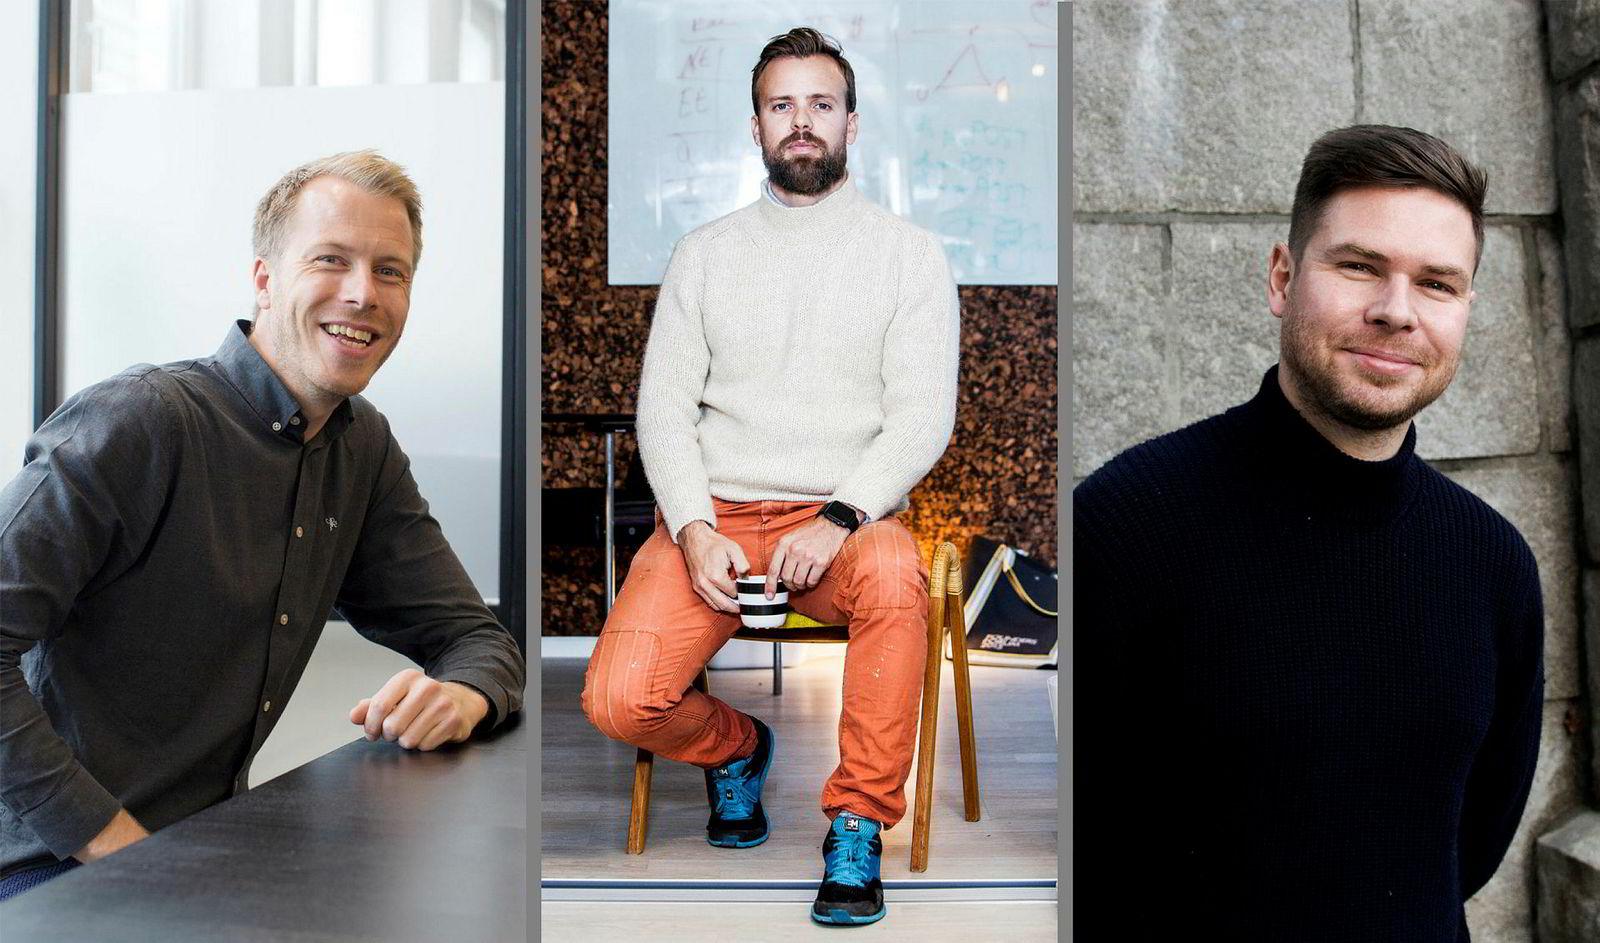 Patrik Berglund i Xeneta, Johan Brand fra Kahoot og Kjartan Slette i Unacast har alle det til felles at de har startet teknologiselskaper som hvite menn i 30-årene.